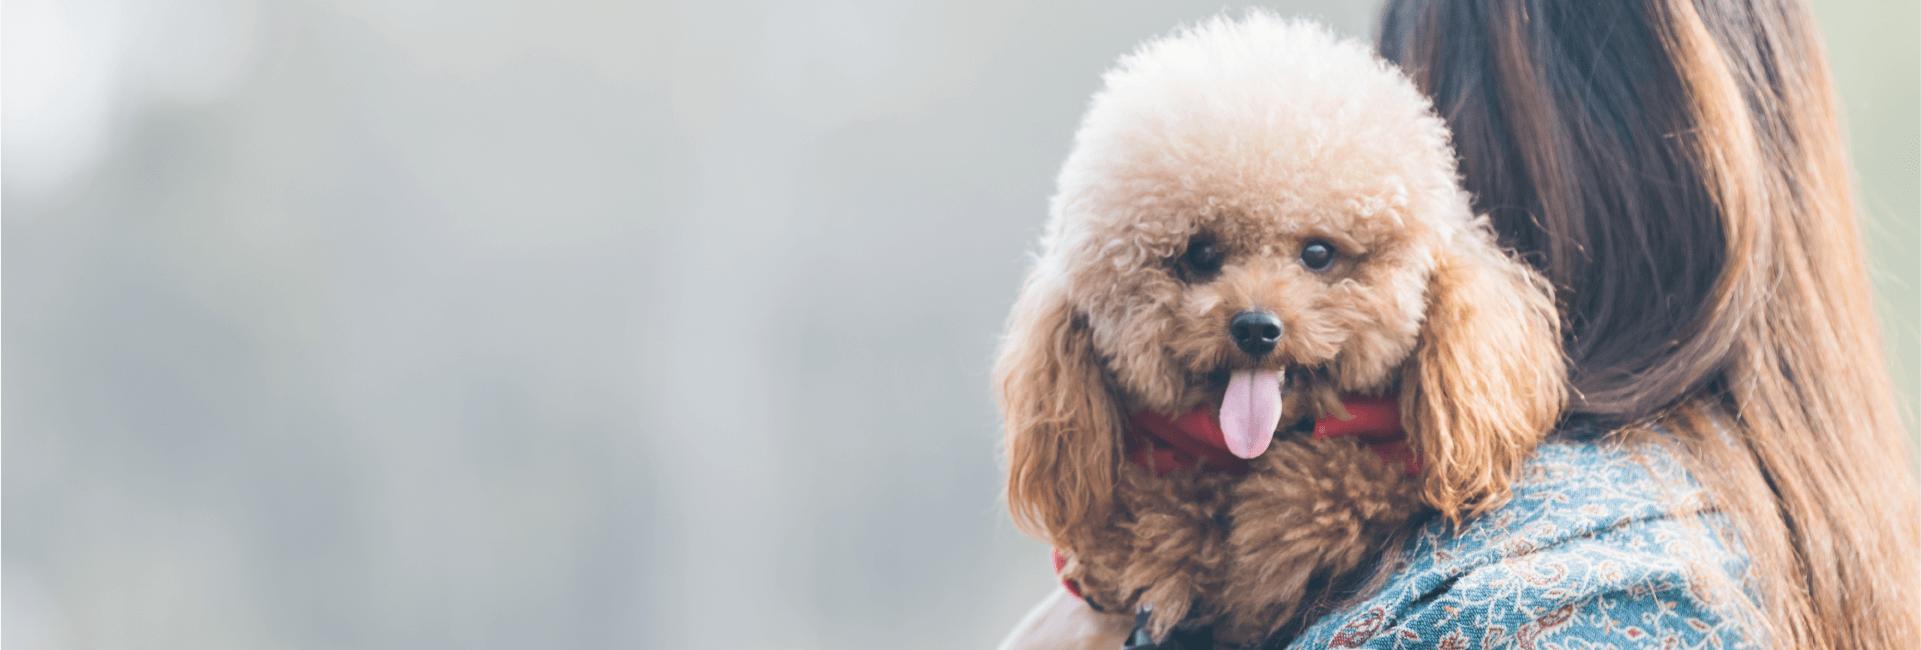 Servicios de asistencia - Asistencia mascota